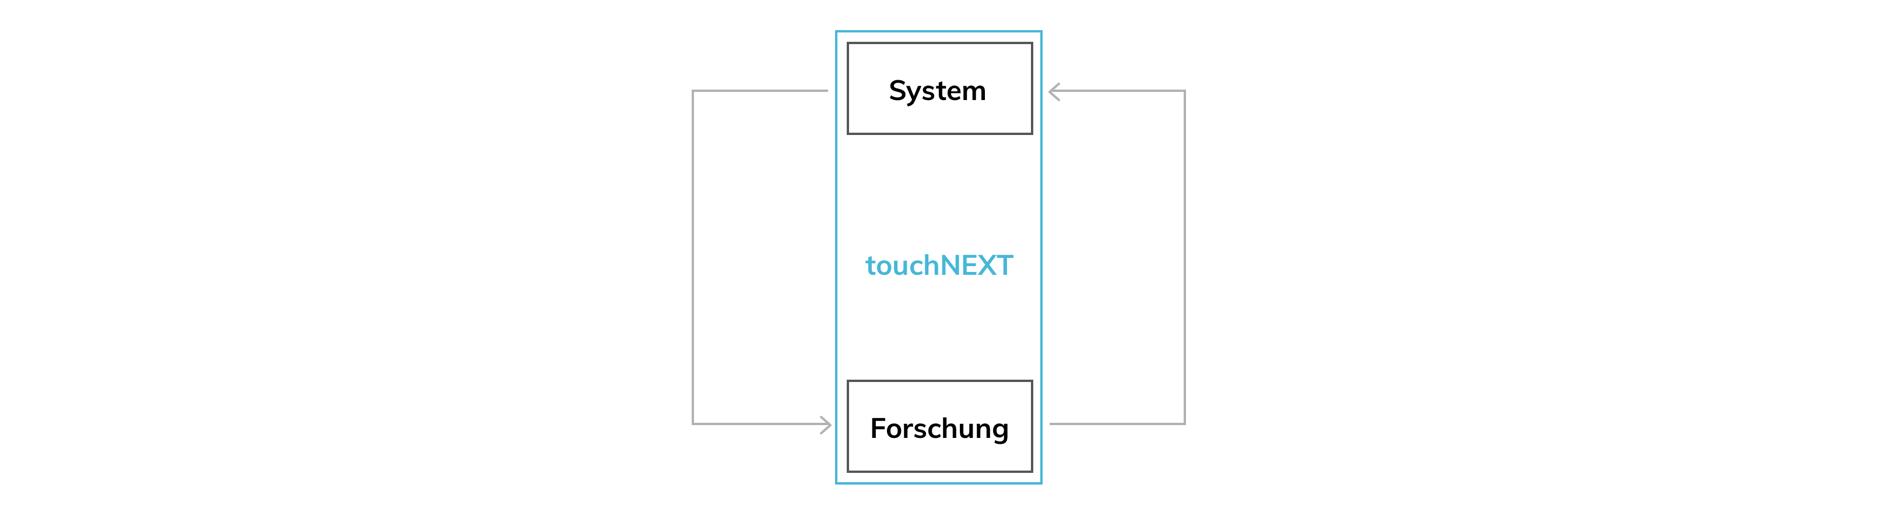 Prozess - Aufbau System